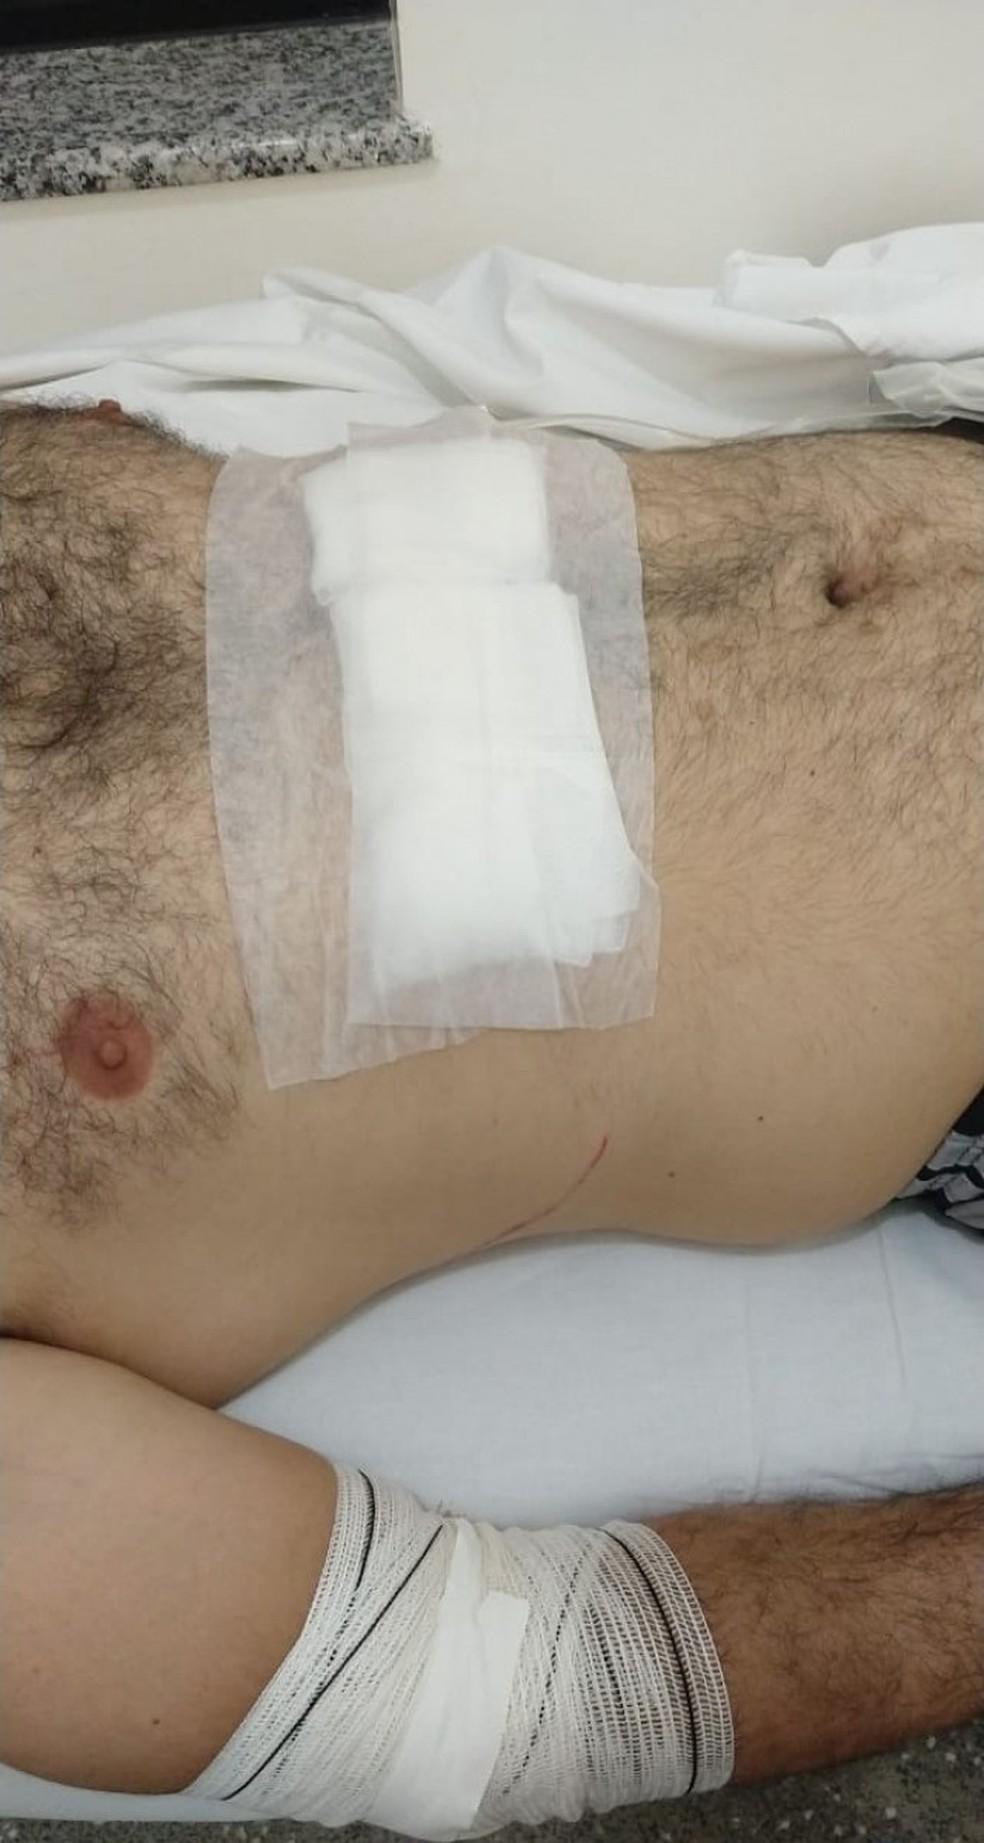 Ao tentar se defender, o PM acabou sofrendo cortes no braço, na perna e no abdômen — Foto: Arquivo pessoal